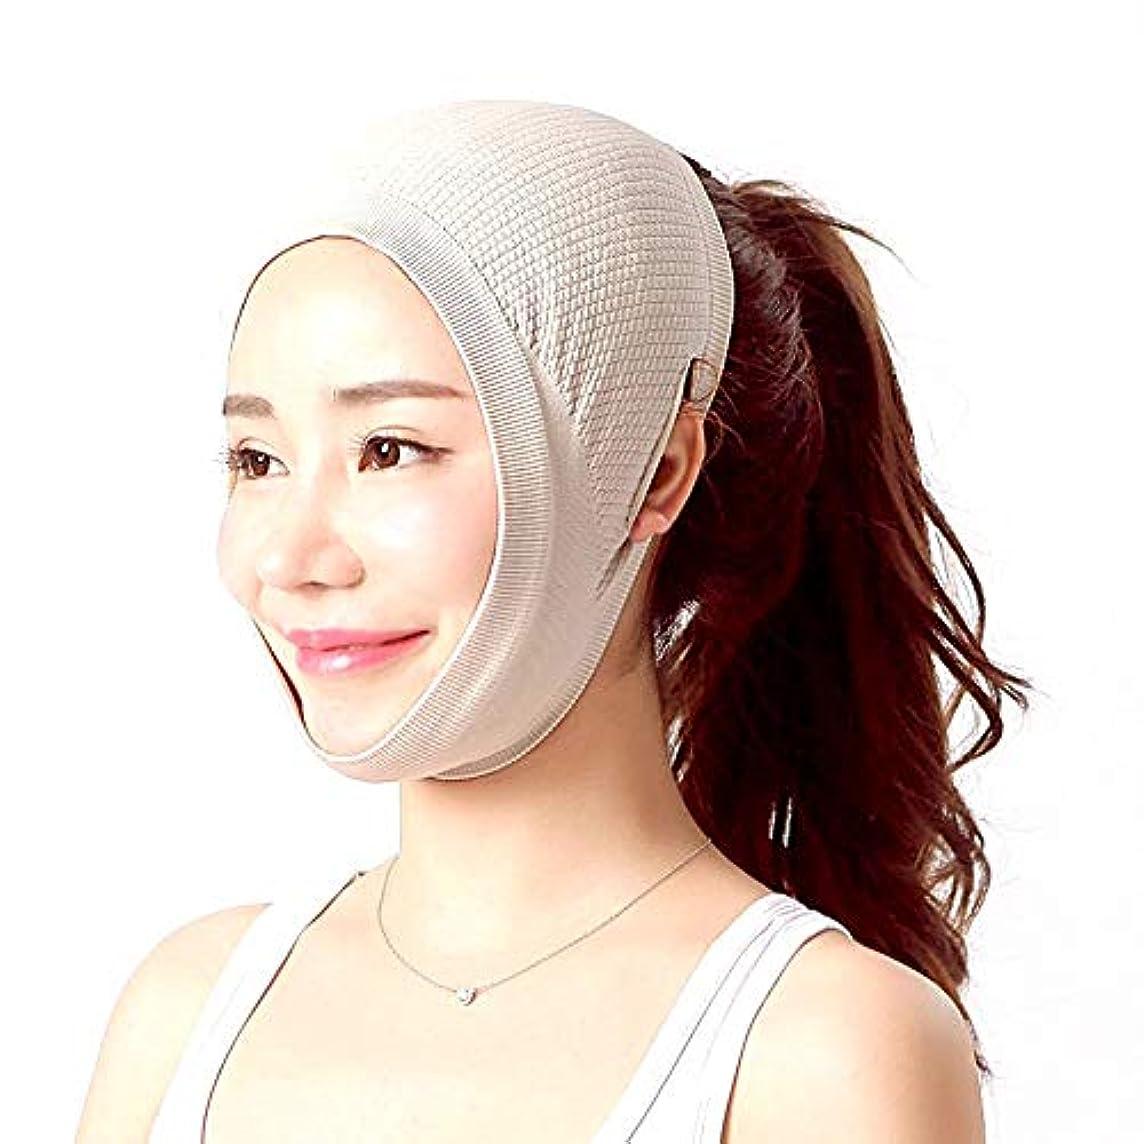 スロット日食薬理学GYZ フェイスリフティングアーティファクト包帯ライン術後回復包帯リフティングフェイスフードVフェイス包帯リフティングVフェイス美容マスク - 肌のトーン Thin Face Belt